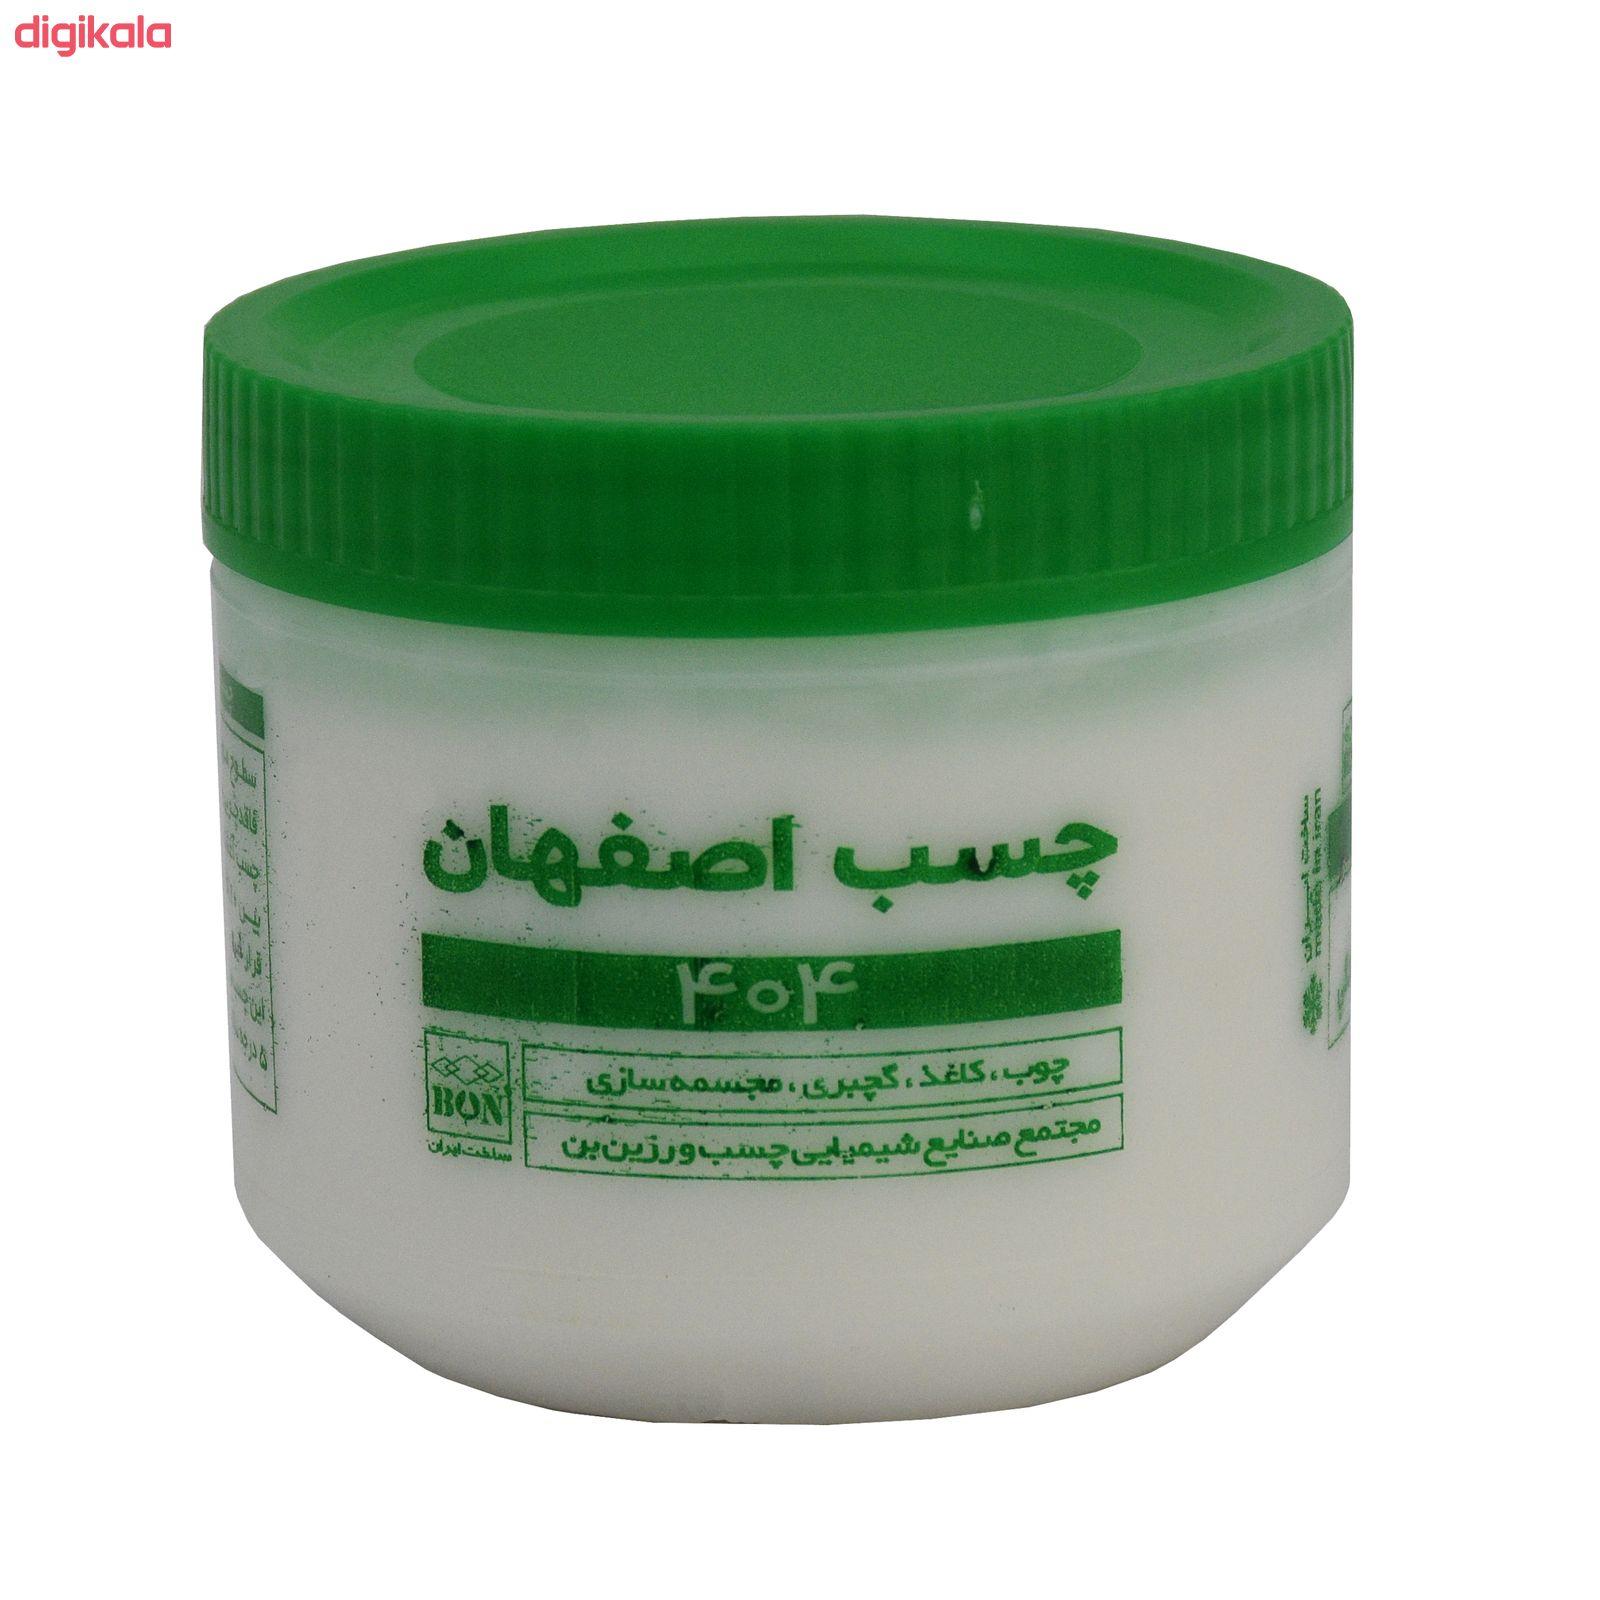 چسب چوب بن مدل اصفهان ۴۰۴ وزن 500 گرم main 1 1